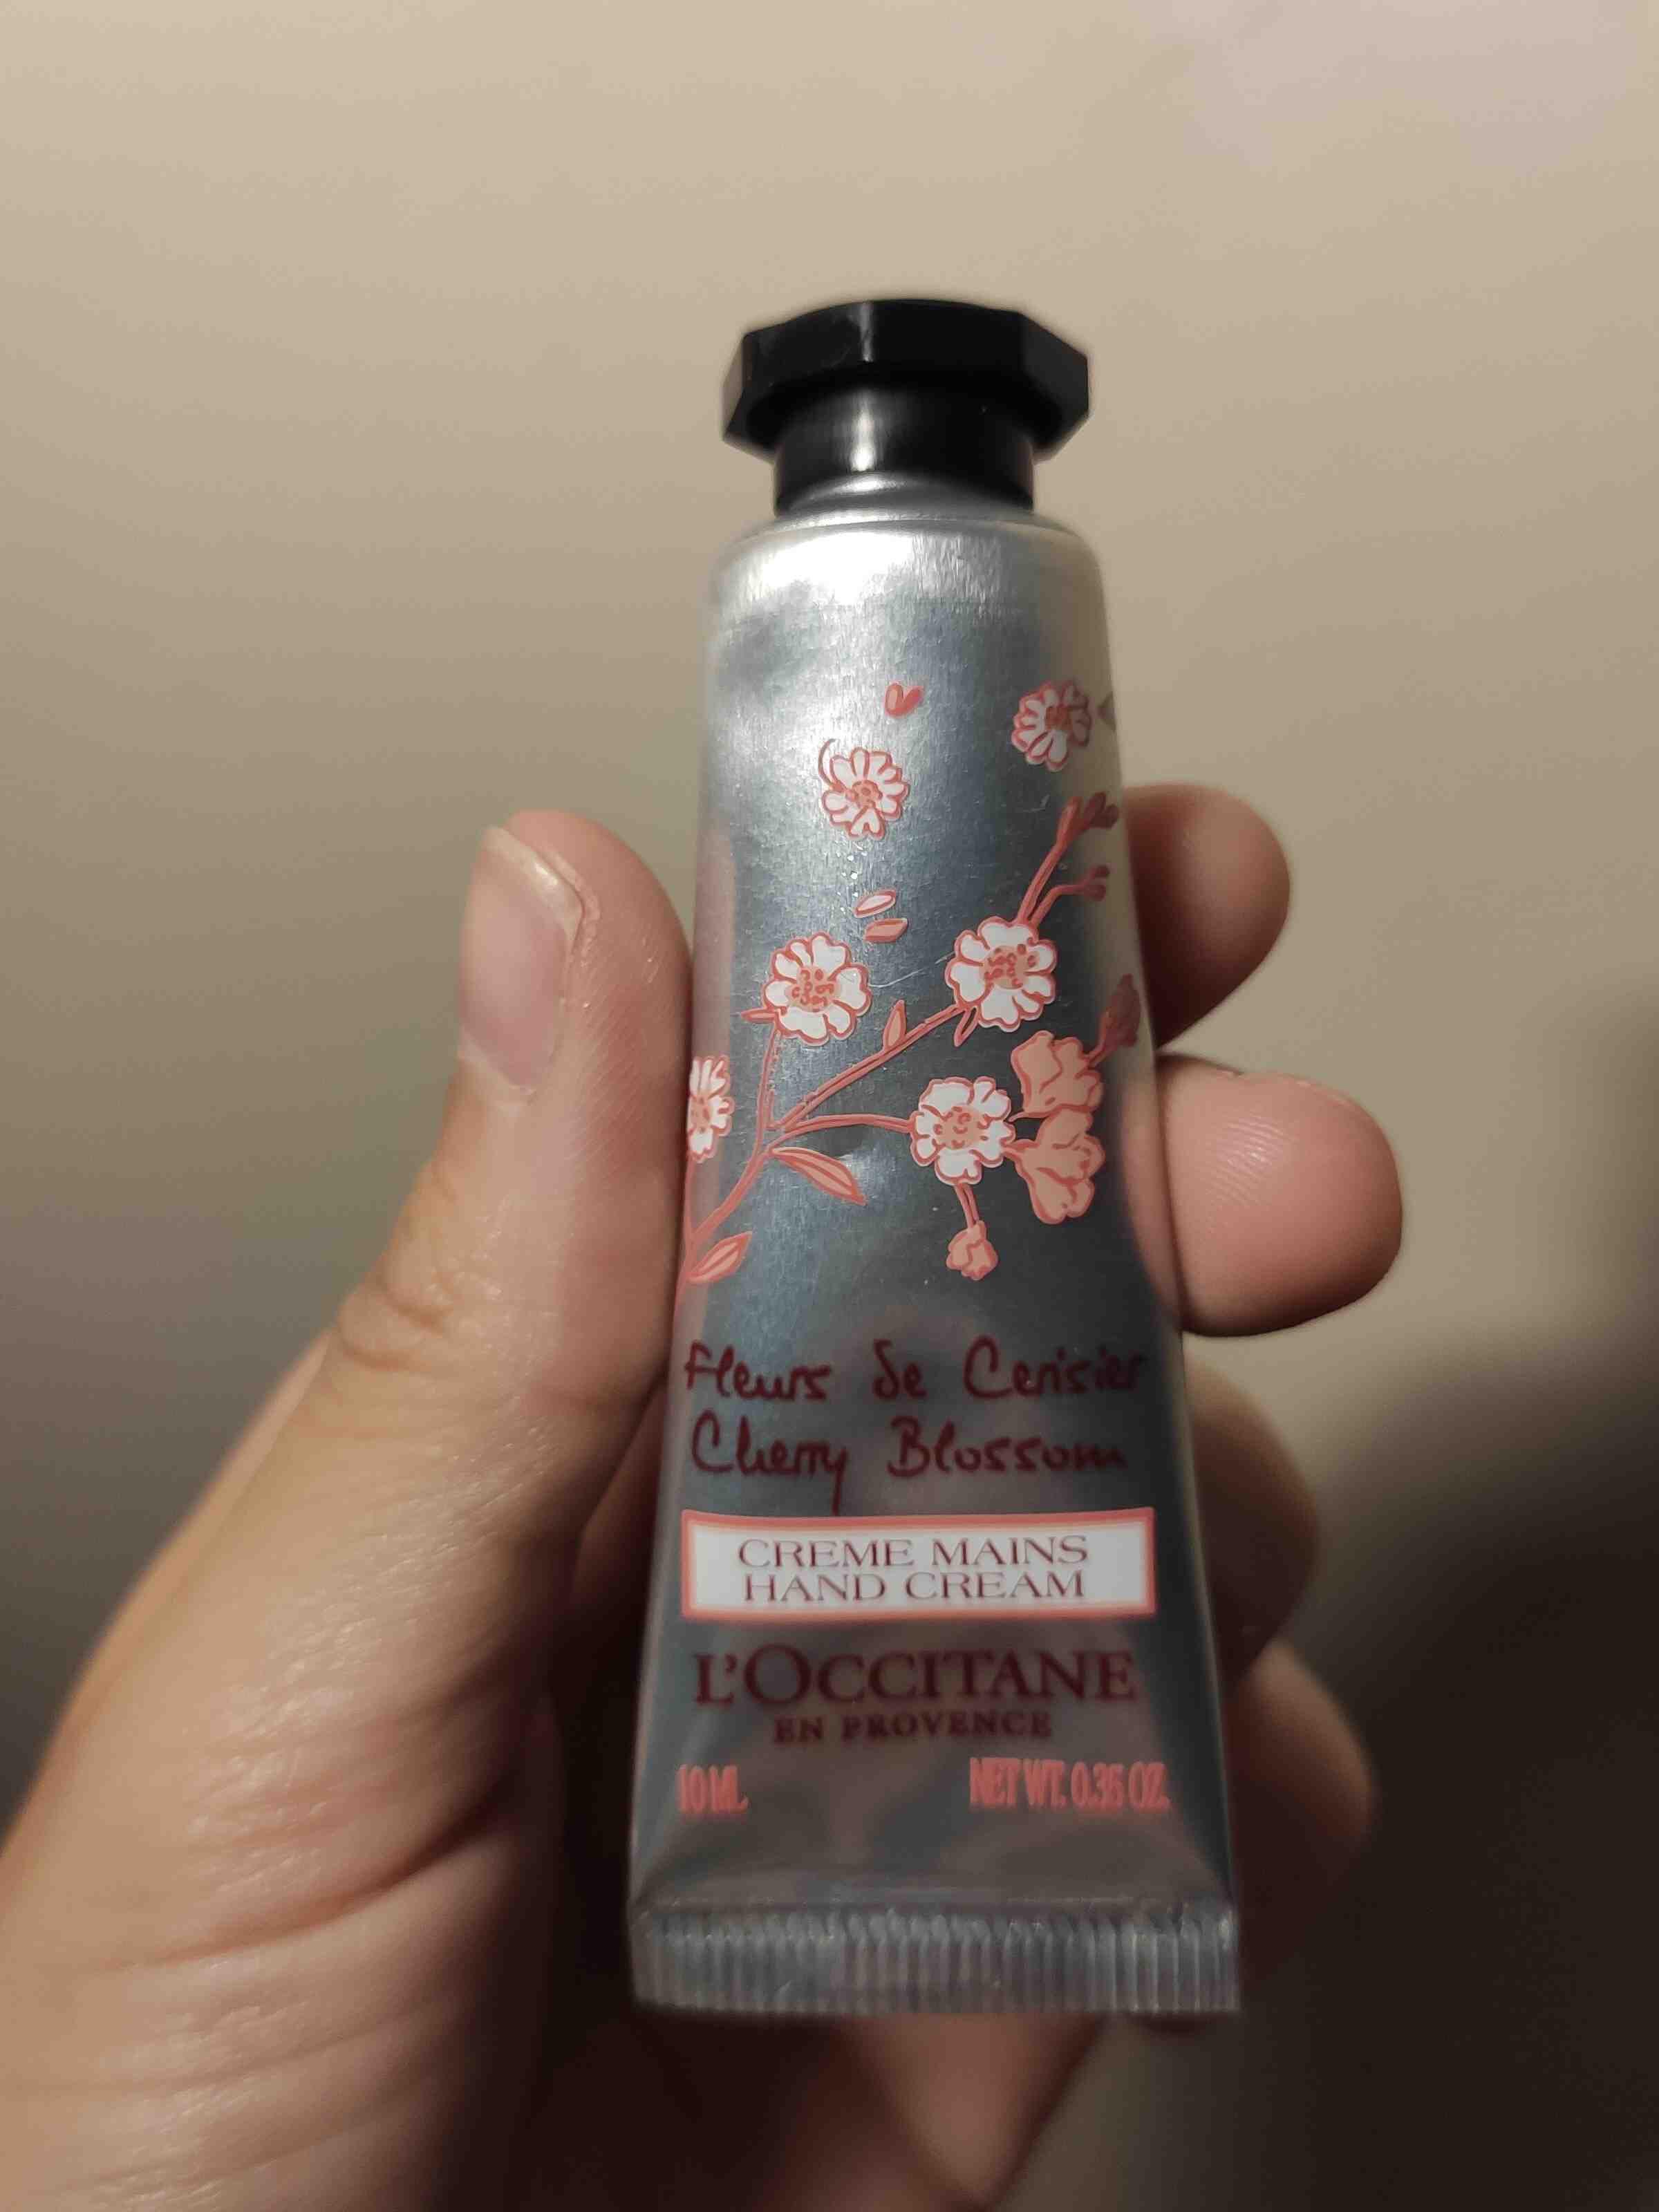 creme de mains l'occitane - Product - en